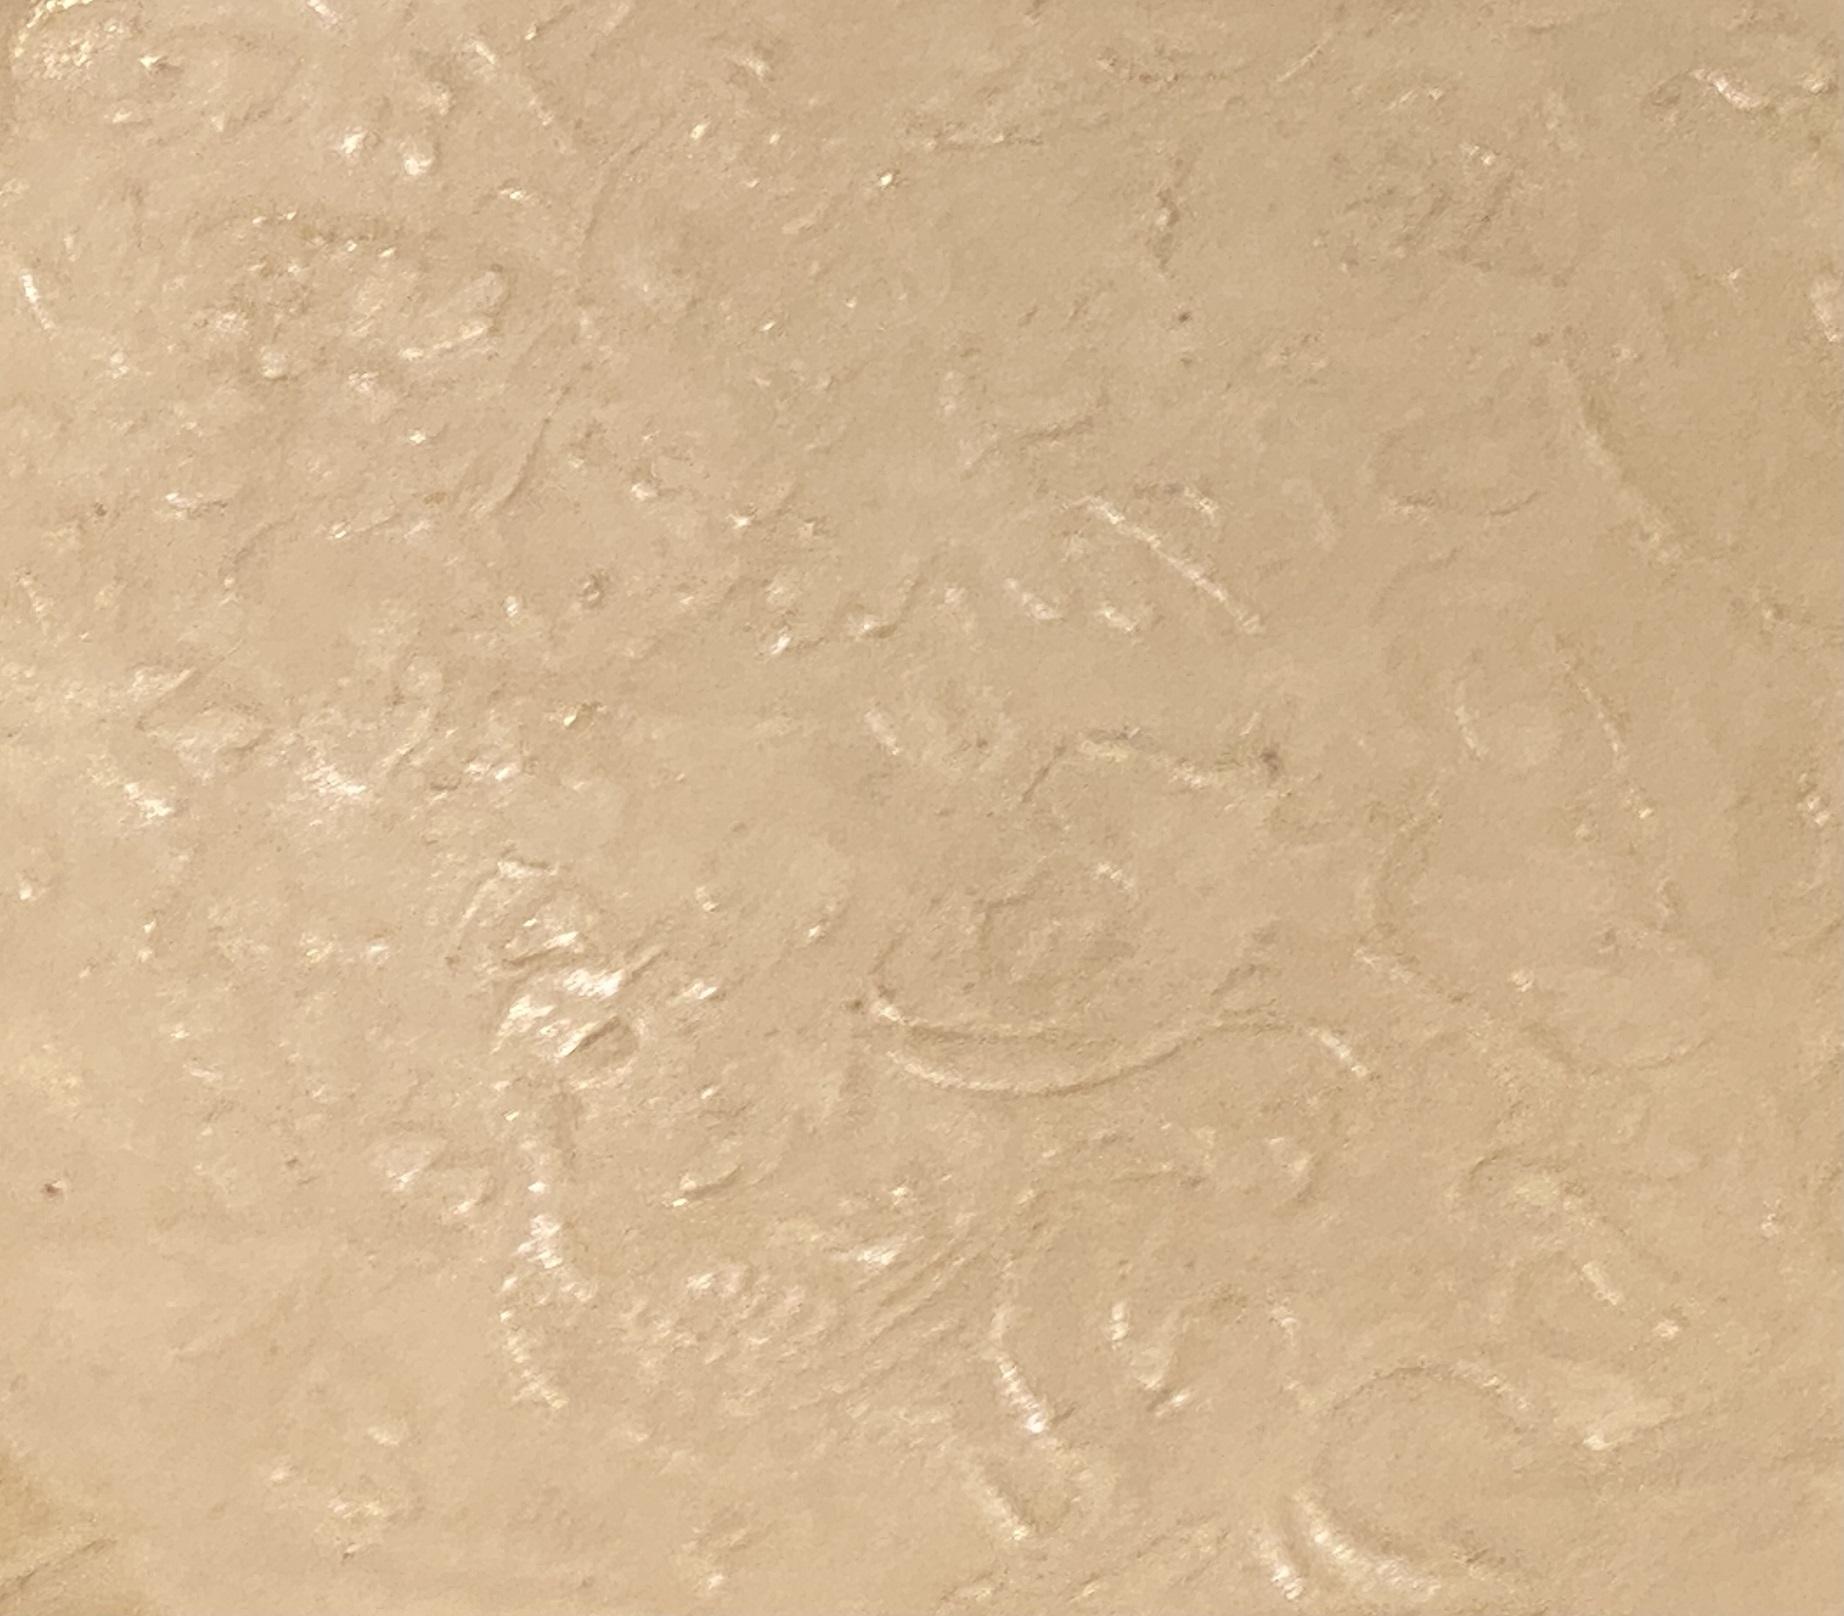 定窯白釉印花鳳凰牡丹菊瓣口盤-金時代-特別展【食味人間】四川博物院・中国国家博物館